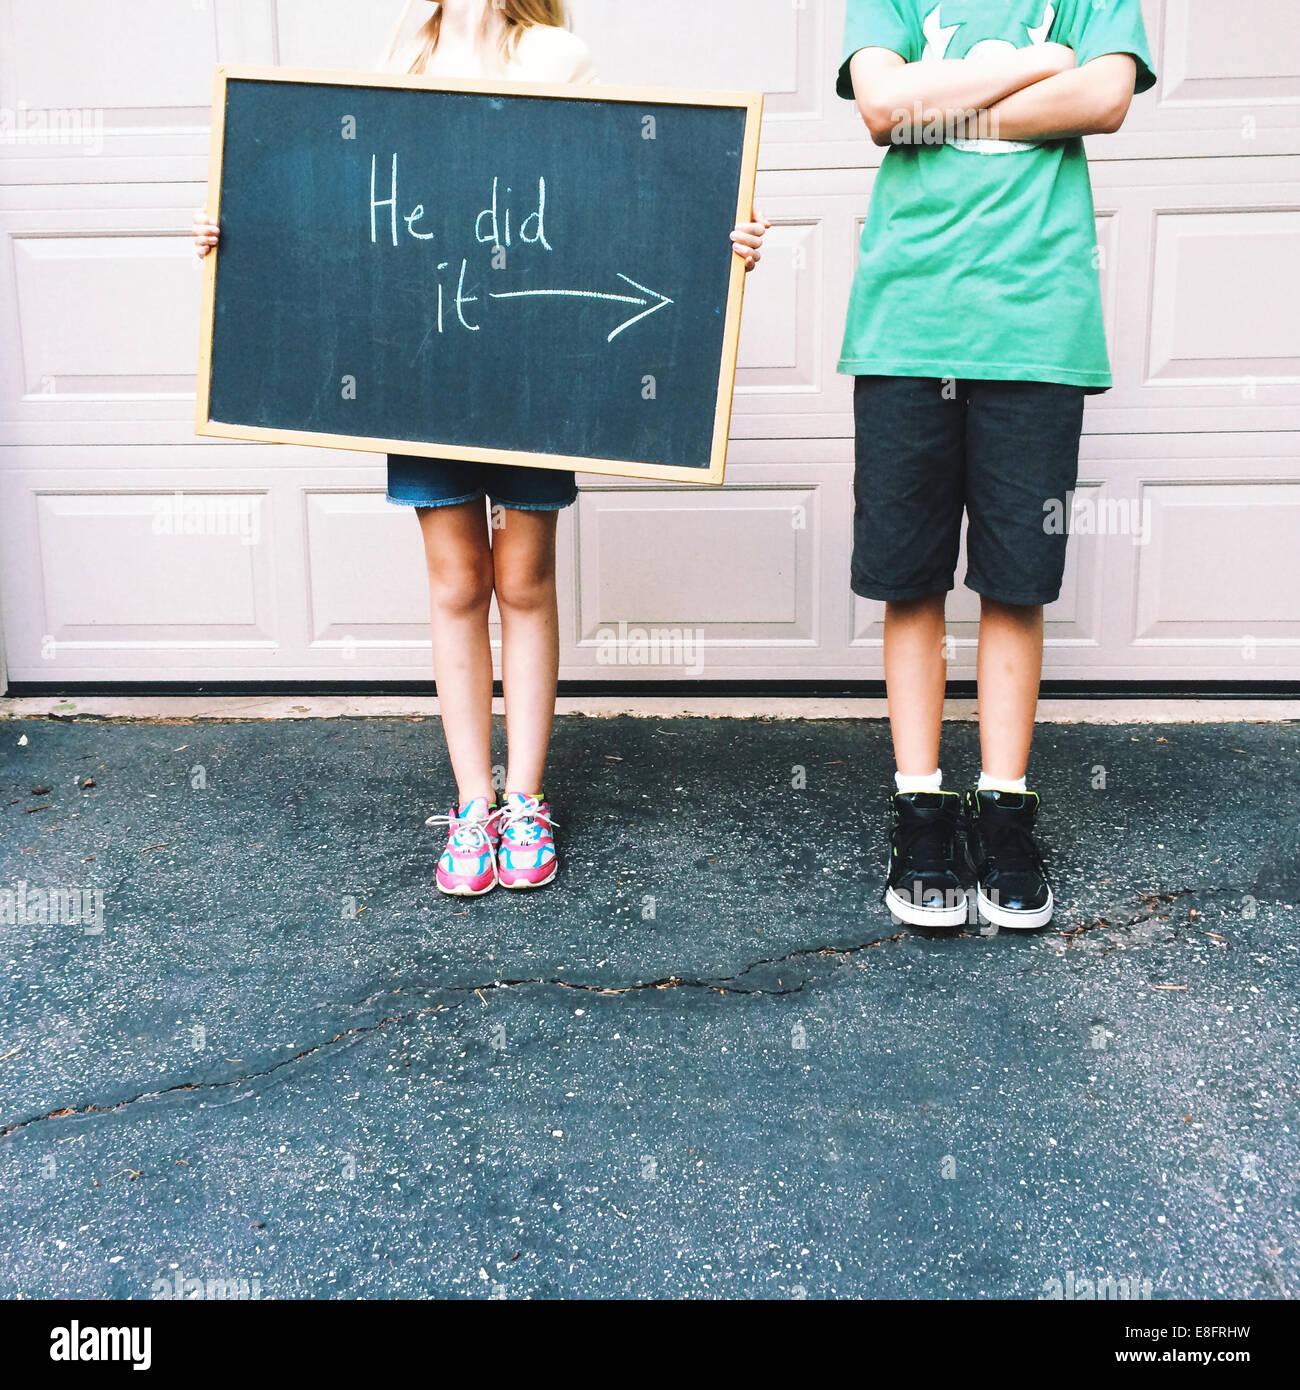 Junge steht neben einem Mädchen, das eine Tafel hält und sagt, er habe es getan Stockfoto